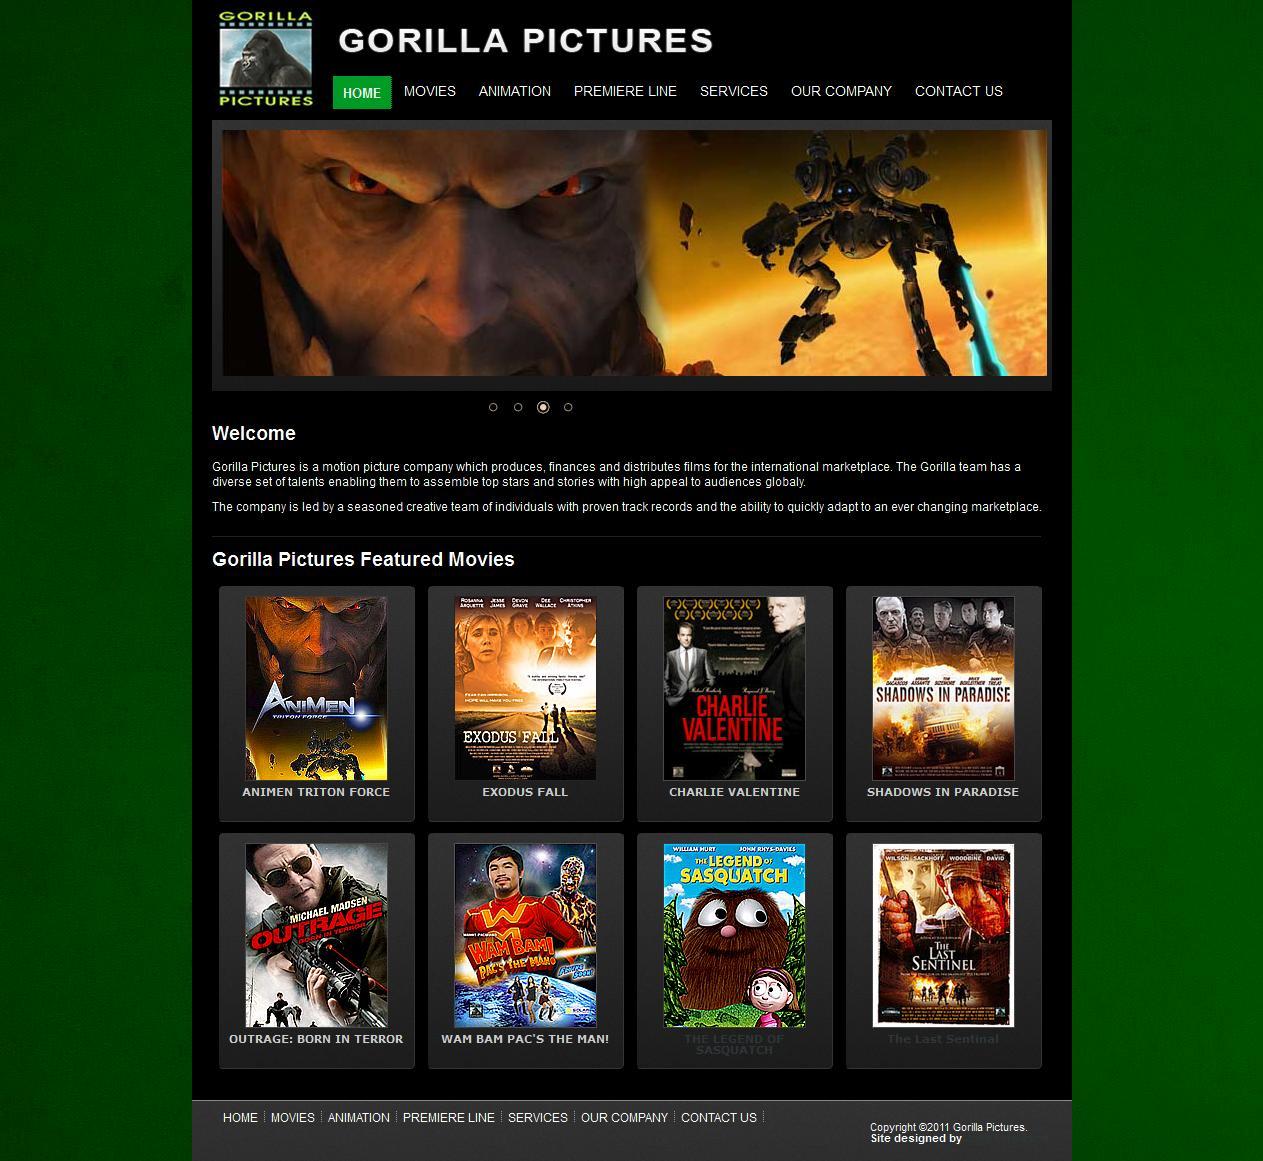 GorillaPictures